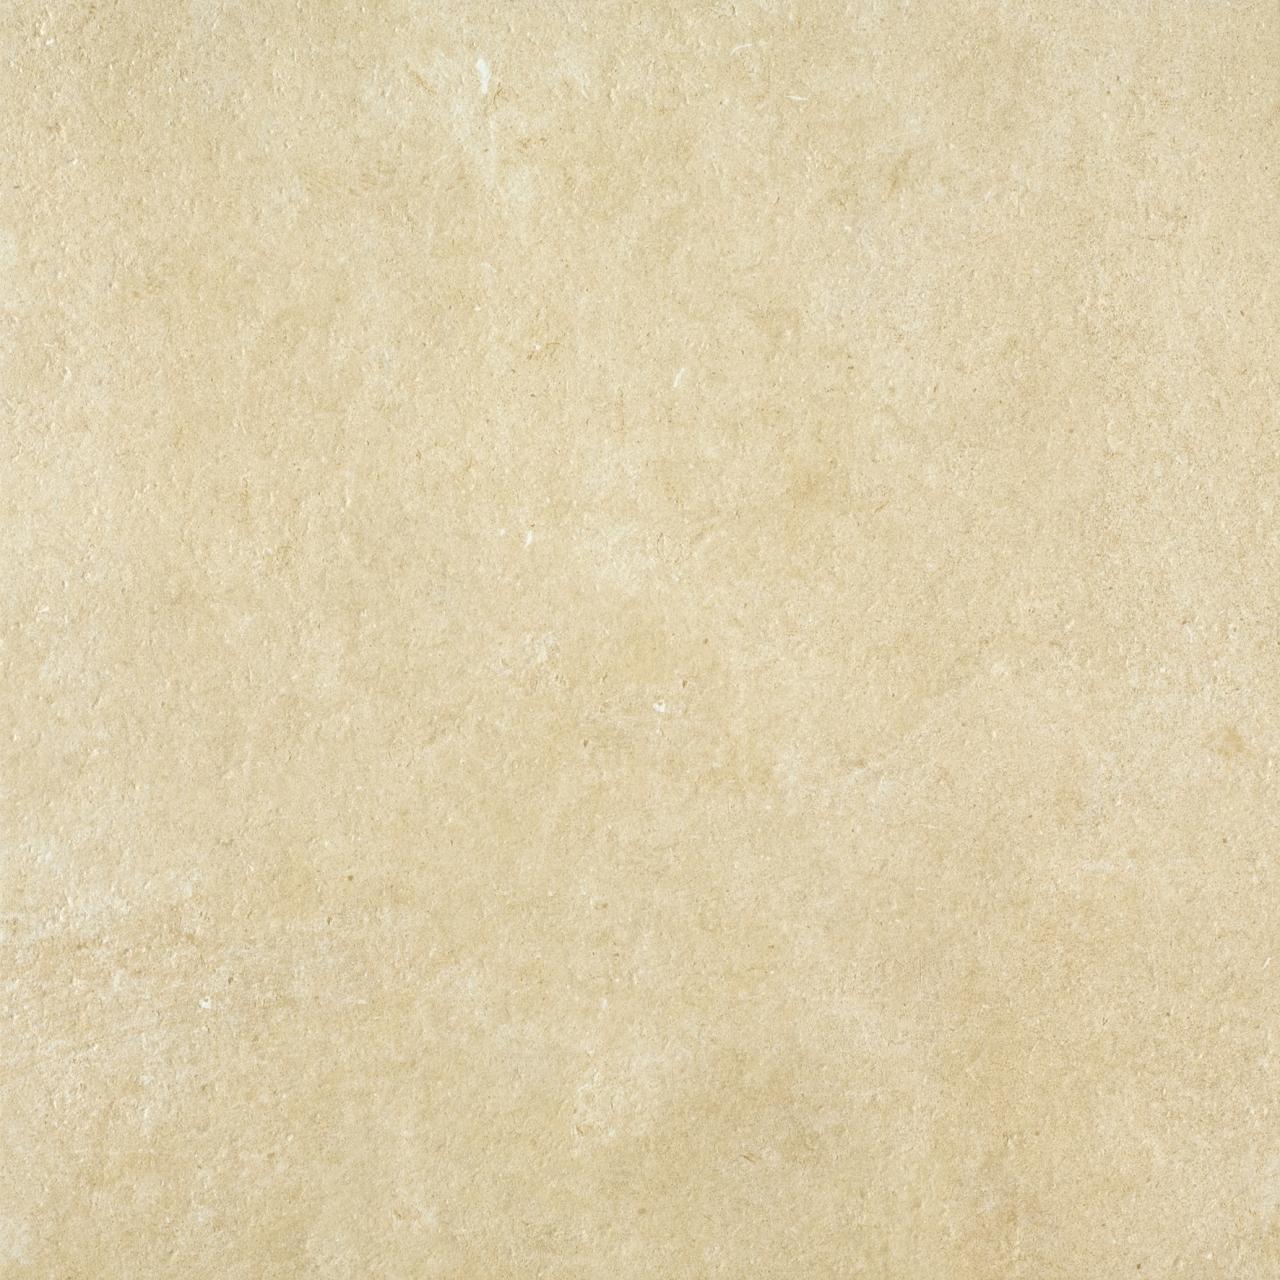 Poesia - Il fascino della pietra leccese si ritrova in questa proposta ceramica dall'aspetto raffinato: la ricercatezza delle nuances naturali si abbina sia ai contesti classici, nel formato 60x60 con finitura anticata, sia a quelli contemporanei con la posa dei formati più grandi. Il nome evoca una collezione pregiata in cui il dettaglio della texture, lo studio dei contrasti e l'attenzione agli equilibri delle inclusioni fossili definiscono superfici particolarmente armoniche. Un'eleganza senza tempo, enfatizzata dalla scelta di cinque tonalità morbide che vanno dal bianco al fango, passando per una calda sfumatura gold e due più neutre grigie.